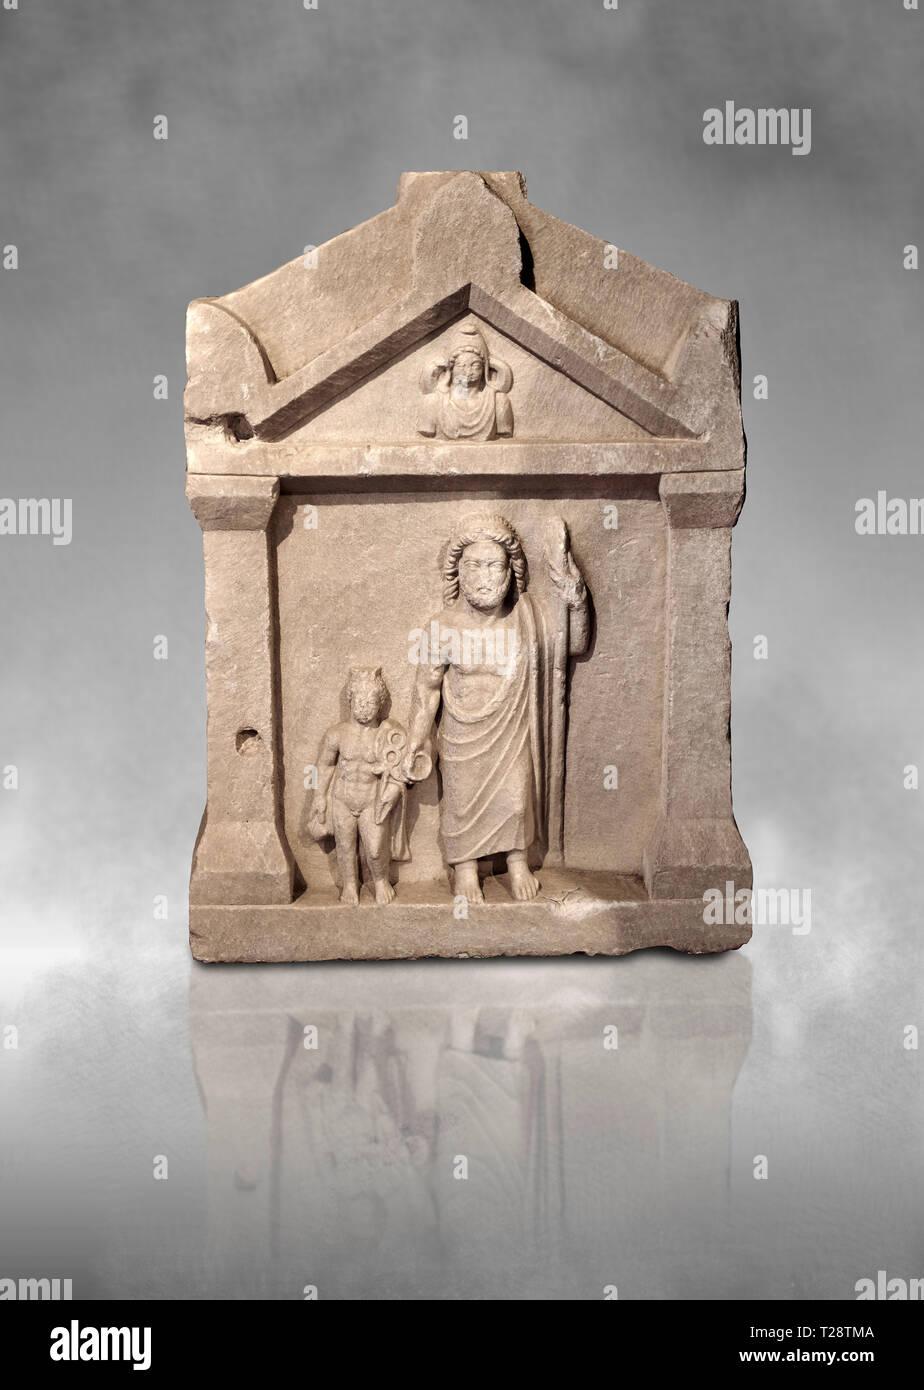 Socorro romana estela funeraria de Hierápolis Necrópolis del Norte. Museo de Arqueología de Hierápolis, Turquía Foto de stock